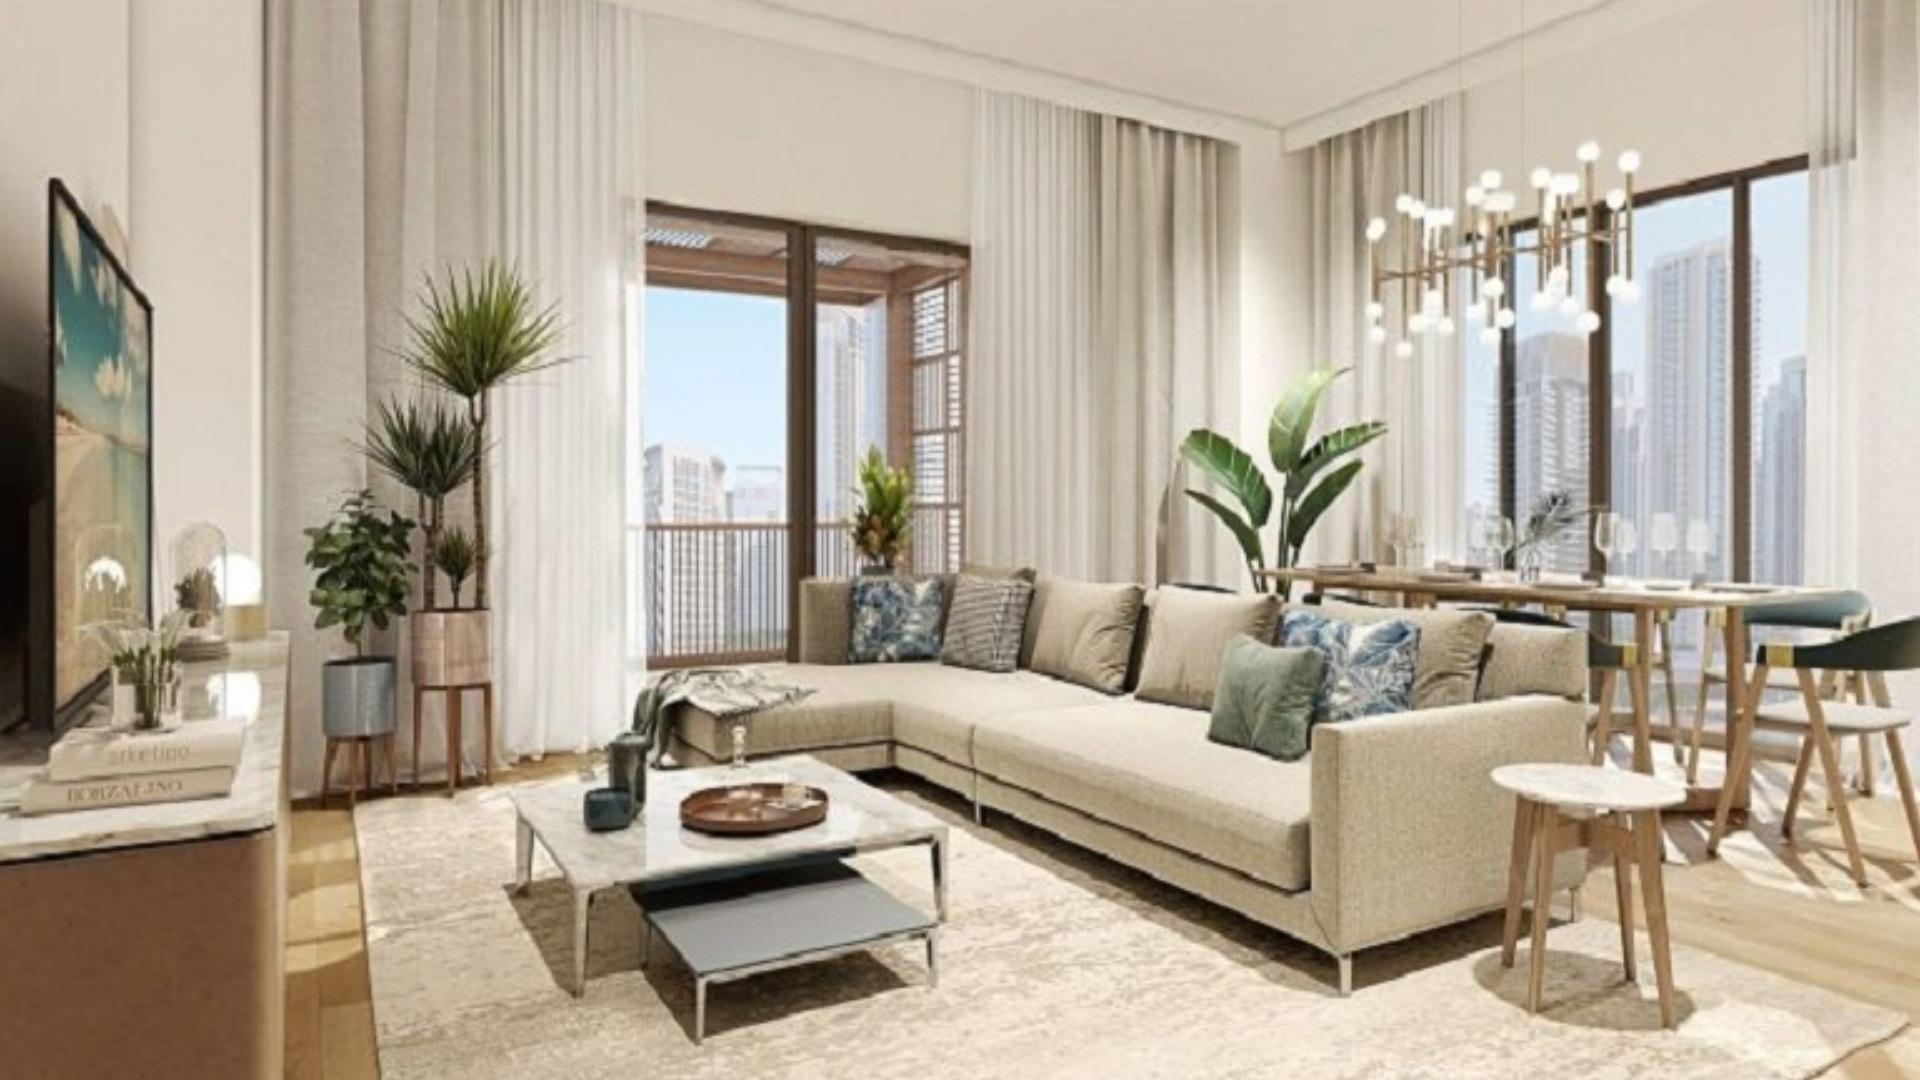 Apartamento en venta en Dubai, EAU, 4 dormitorios, 252 m2, № 24625 – foto 4